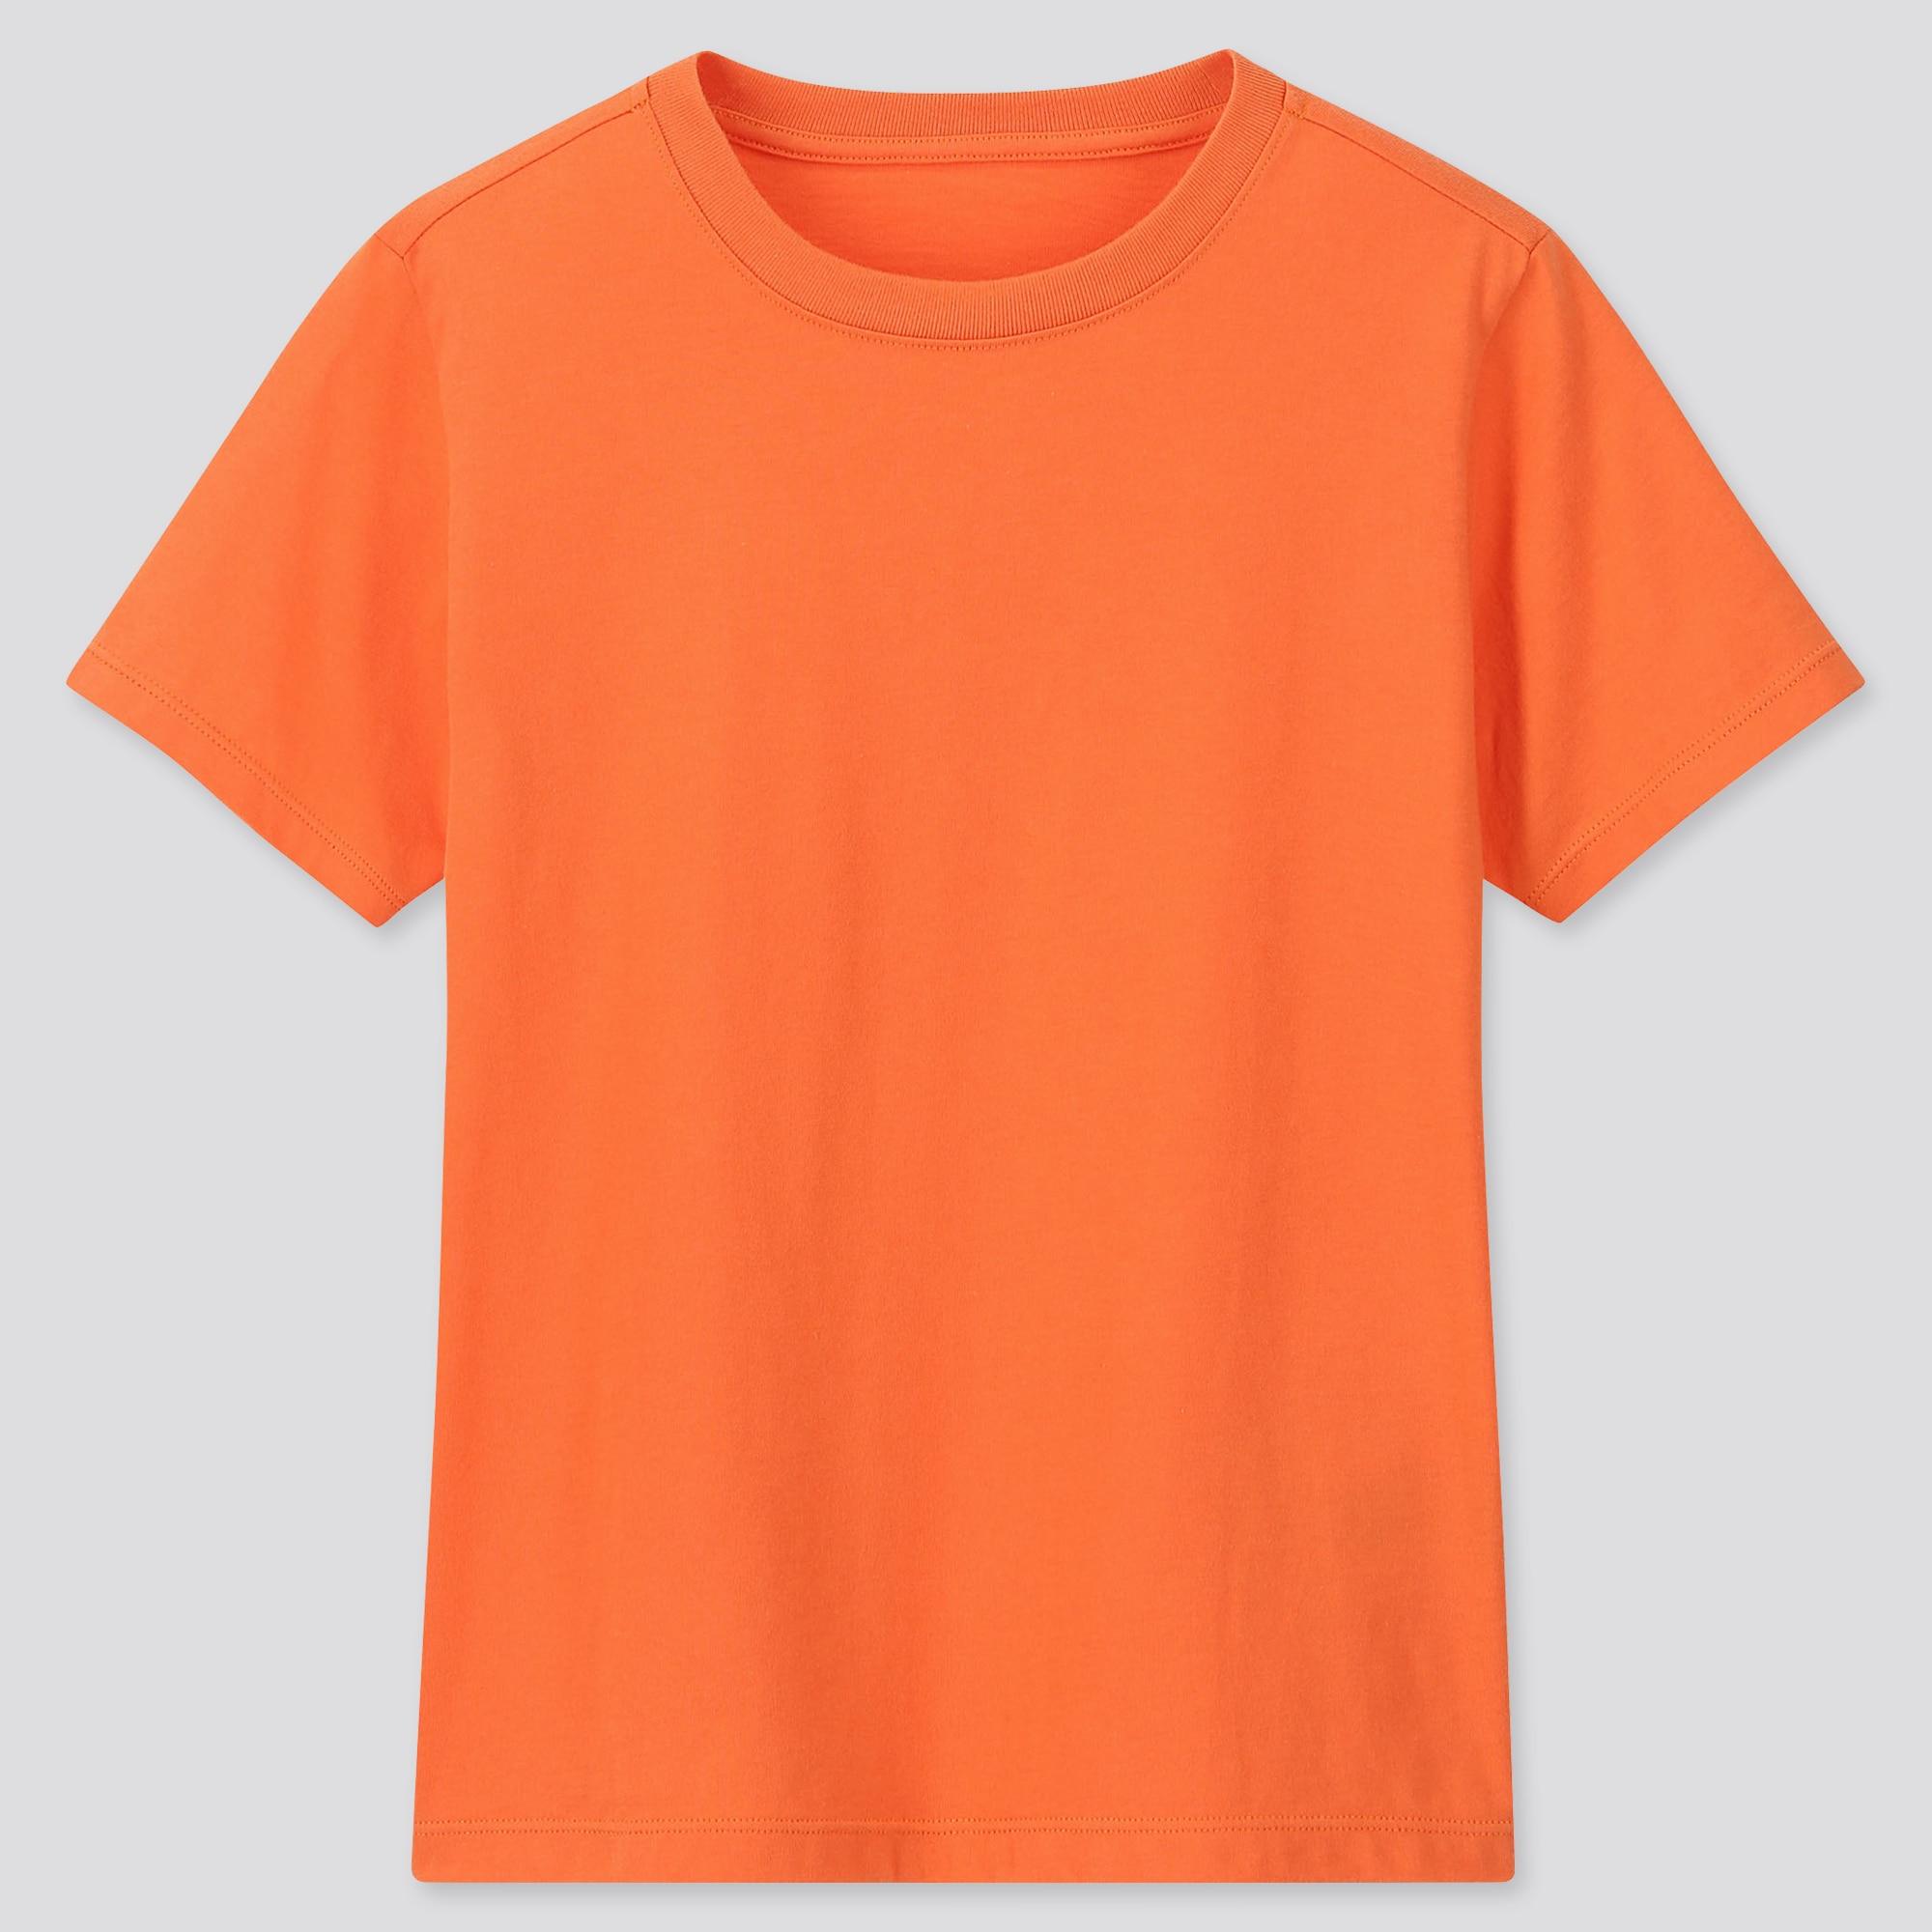 kids cotton color crew neck short-sleeve t-shirt